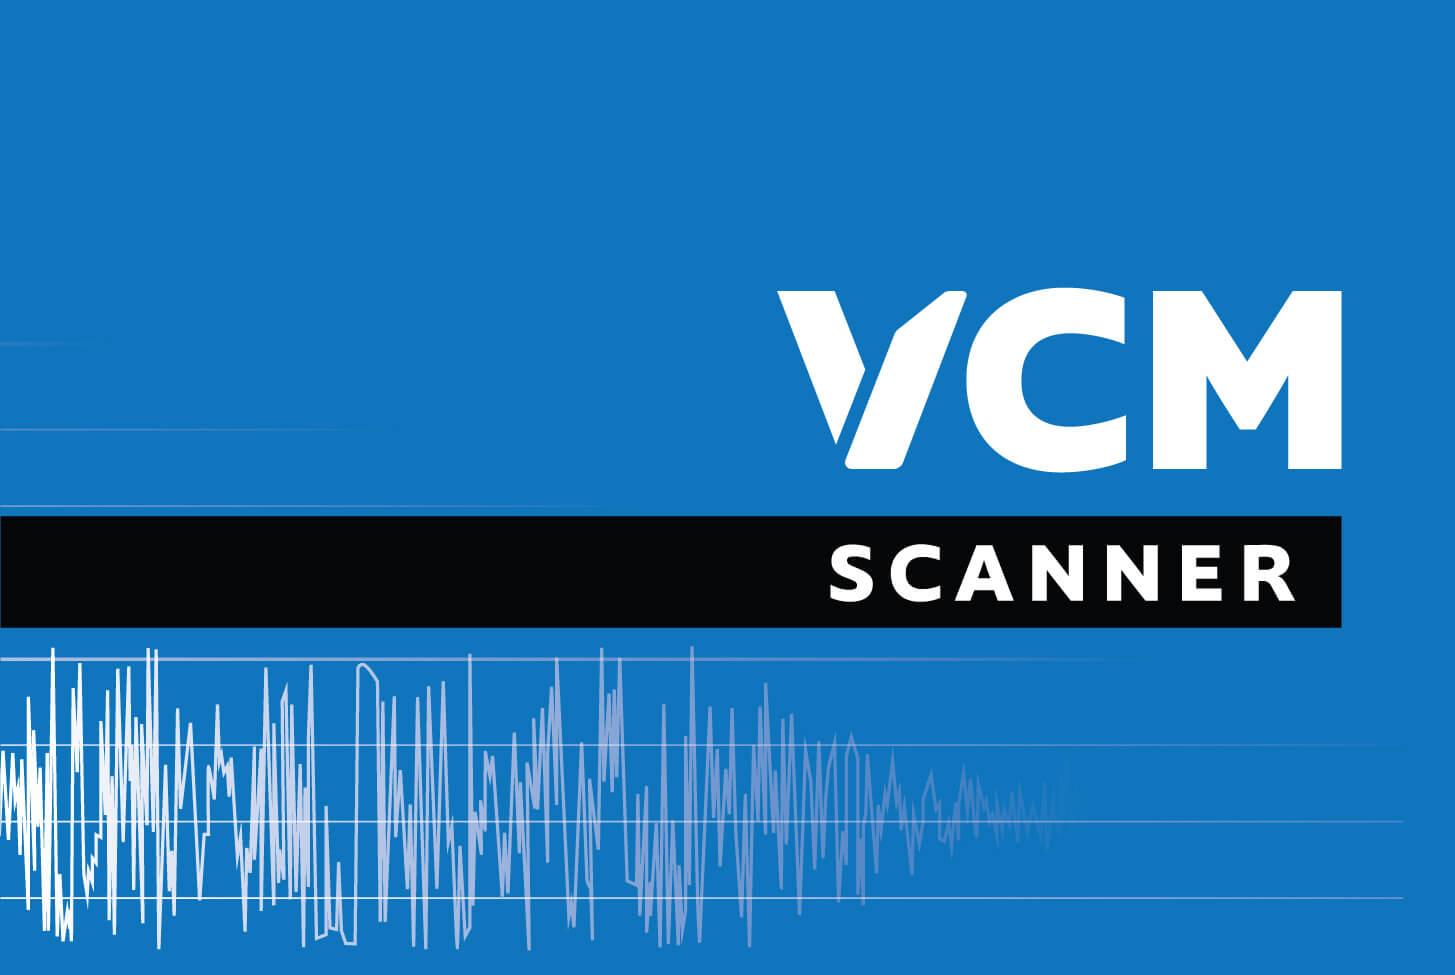 VCM-Scanner